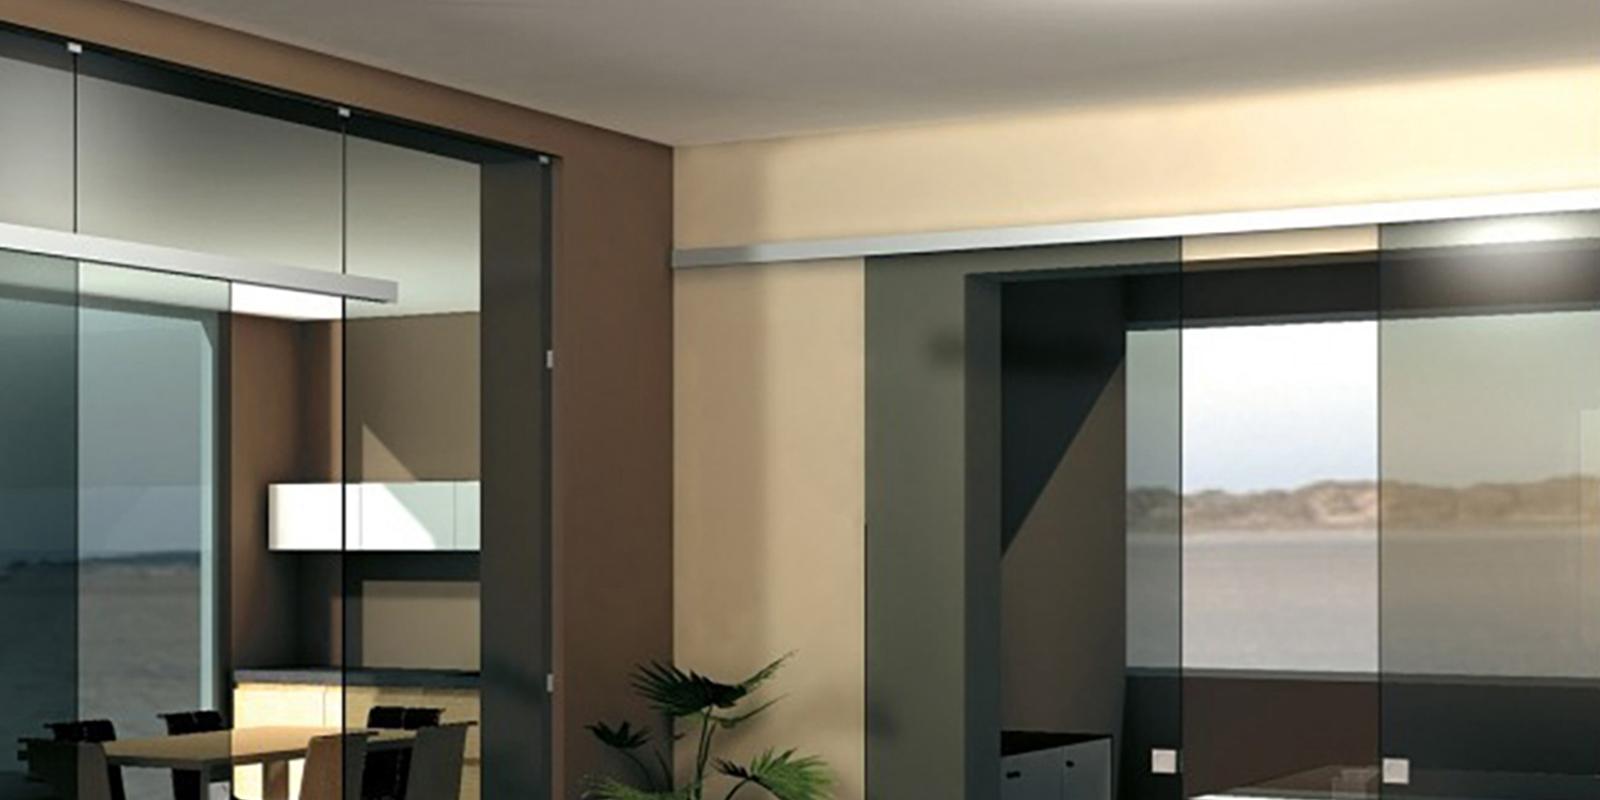 rail k754 pour porte coulissante tout verre pose en applique pose au plafond eclisse france. Black Bedroom Furniture Sets. Home Design Ideas